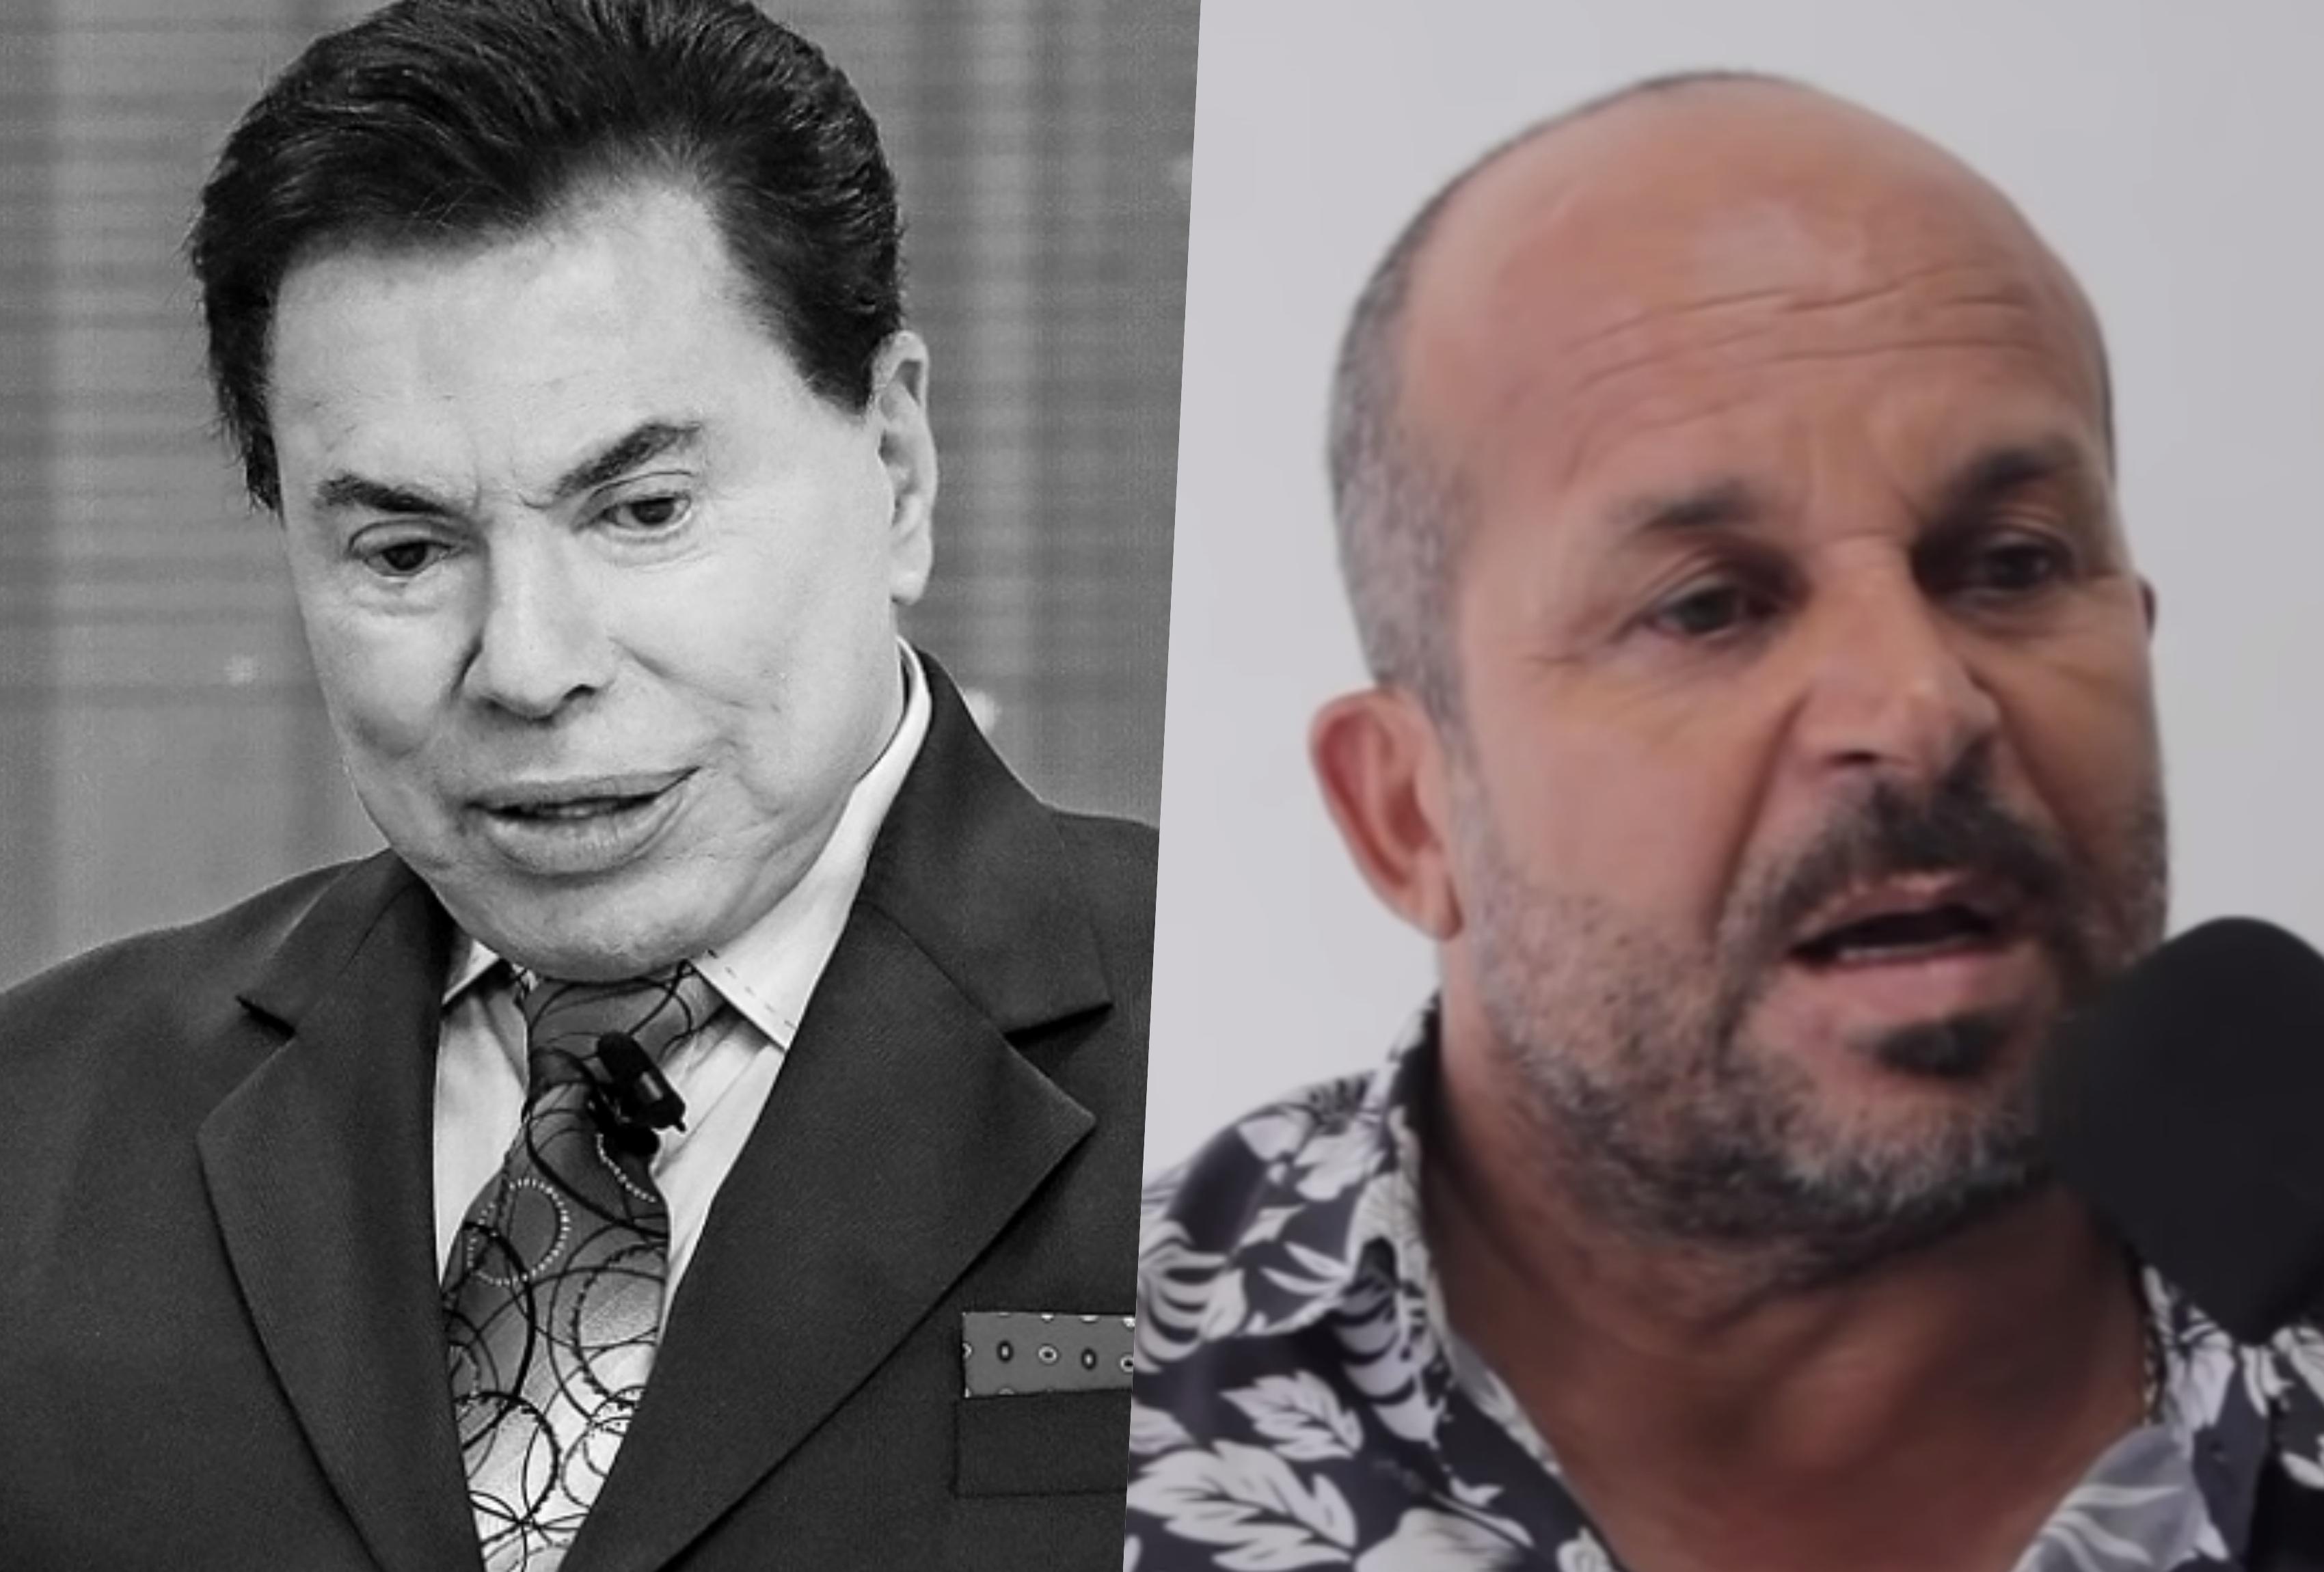 Carlinhos Vidente foi colocada na parede para fazer previsões para Silvio Santos se negou, mas contou o que viu (Foto reprodução)